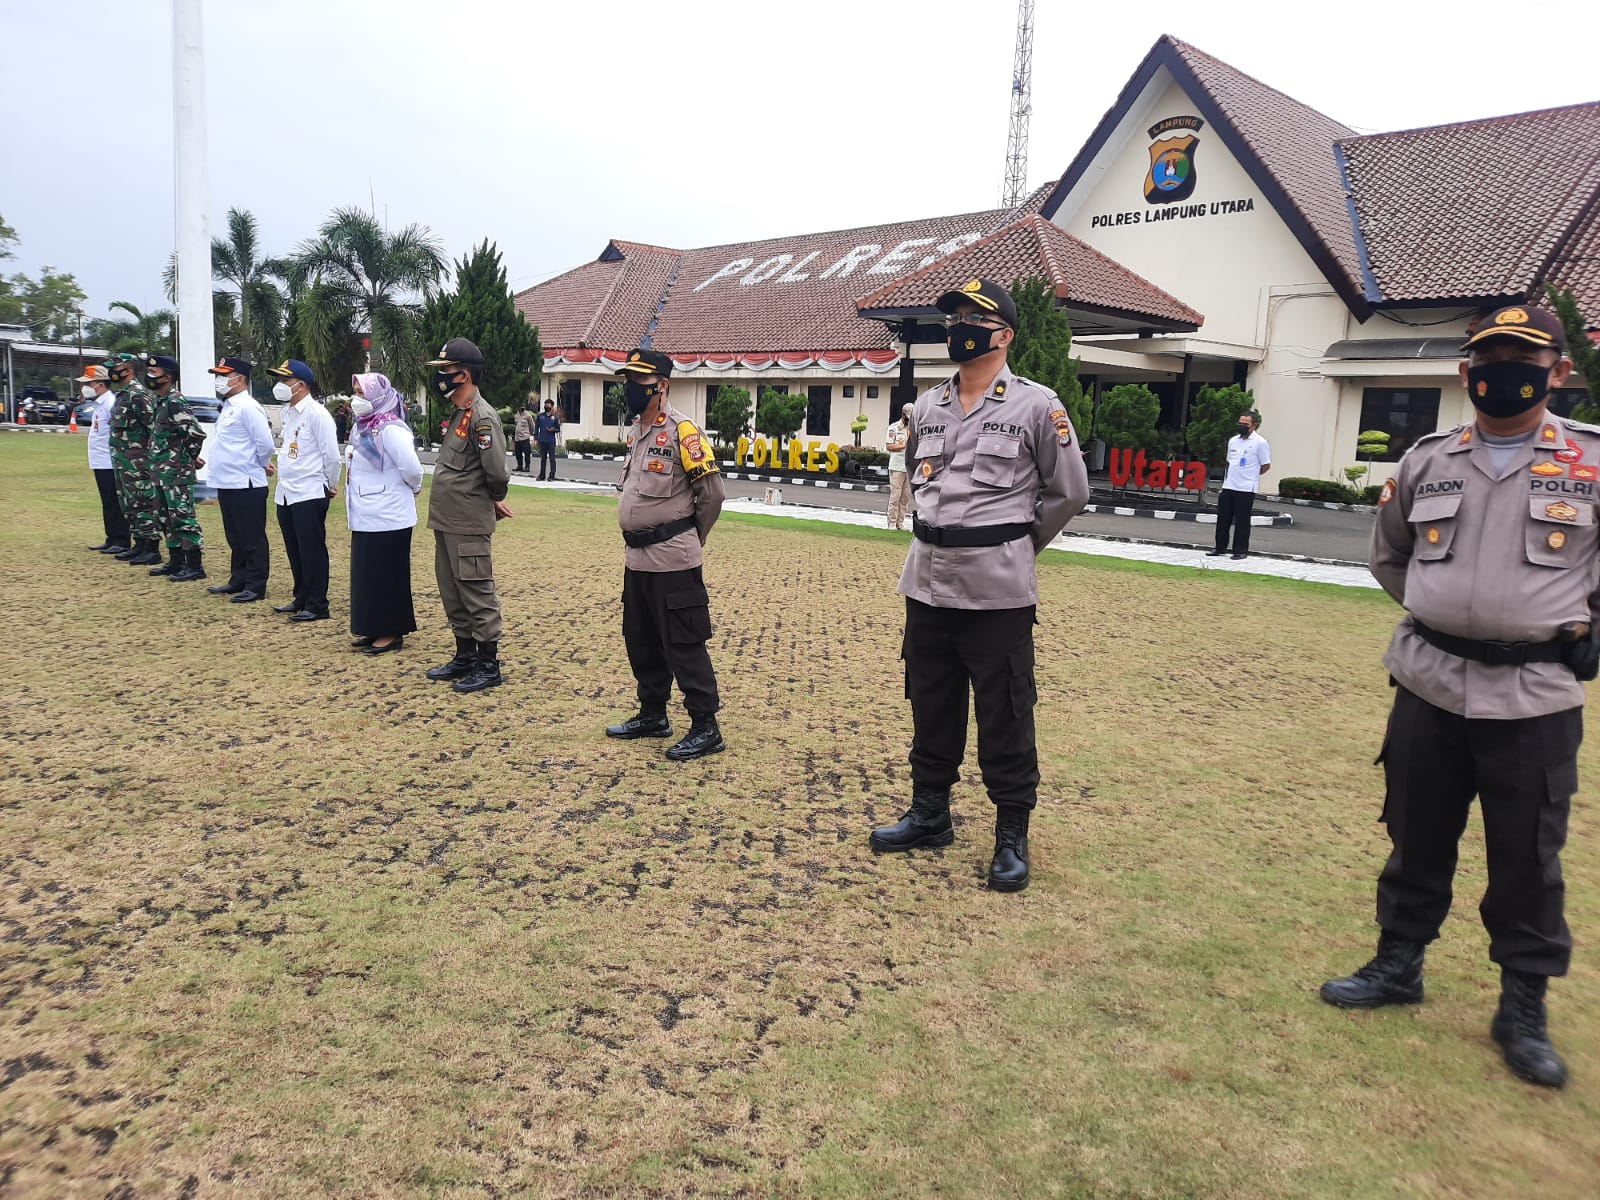 Polres Lampung Utara Gelar Apel Kesiapan Vaksinasi Covid-19 Keliling